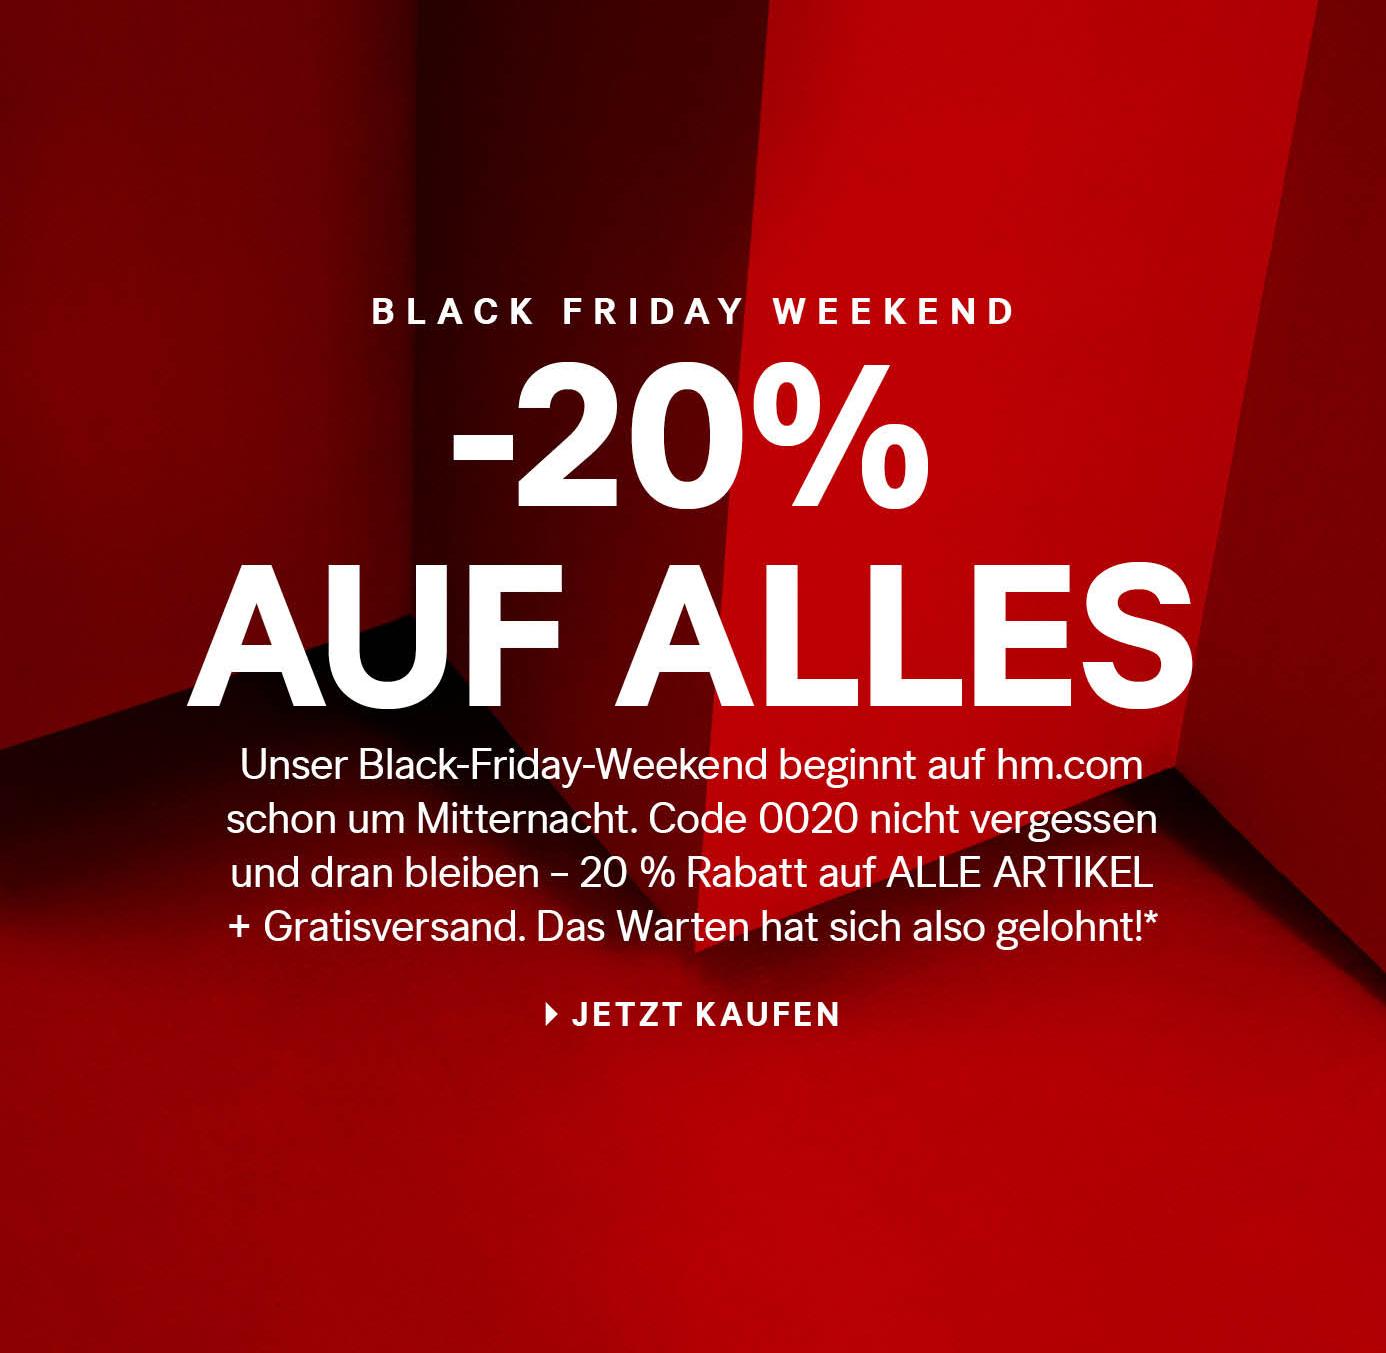 H&M Angebote zum Black Friday 2017 Schweiz - BlackFridayDeals.ch